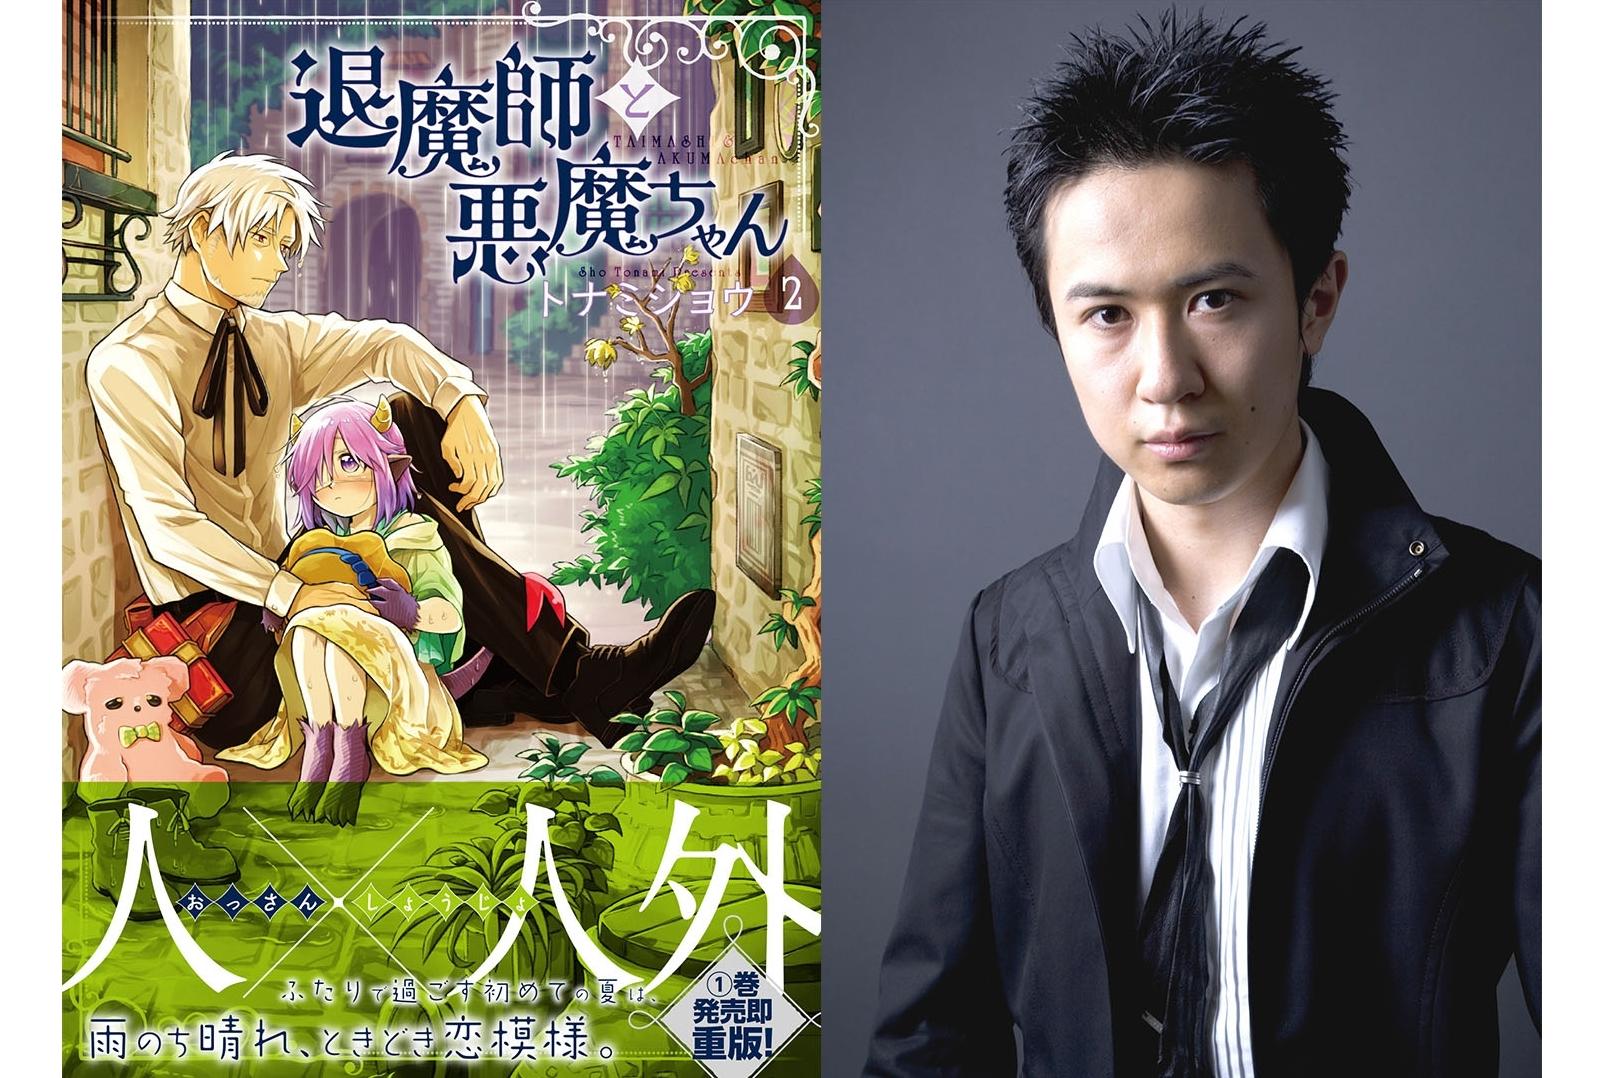 『退魔師と悪魔ちゃん』第2巻の発売記念CMが公開!杉田智和が退魔師役で出演